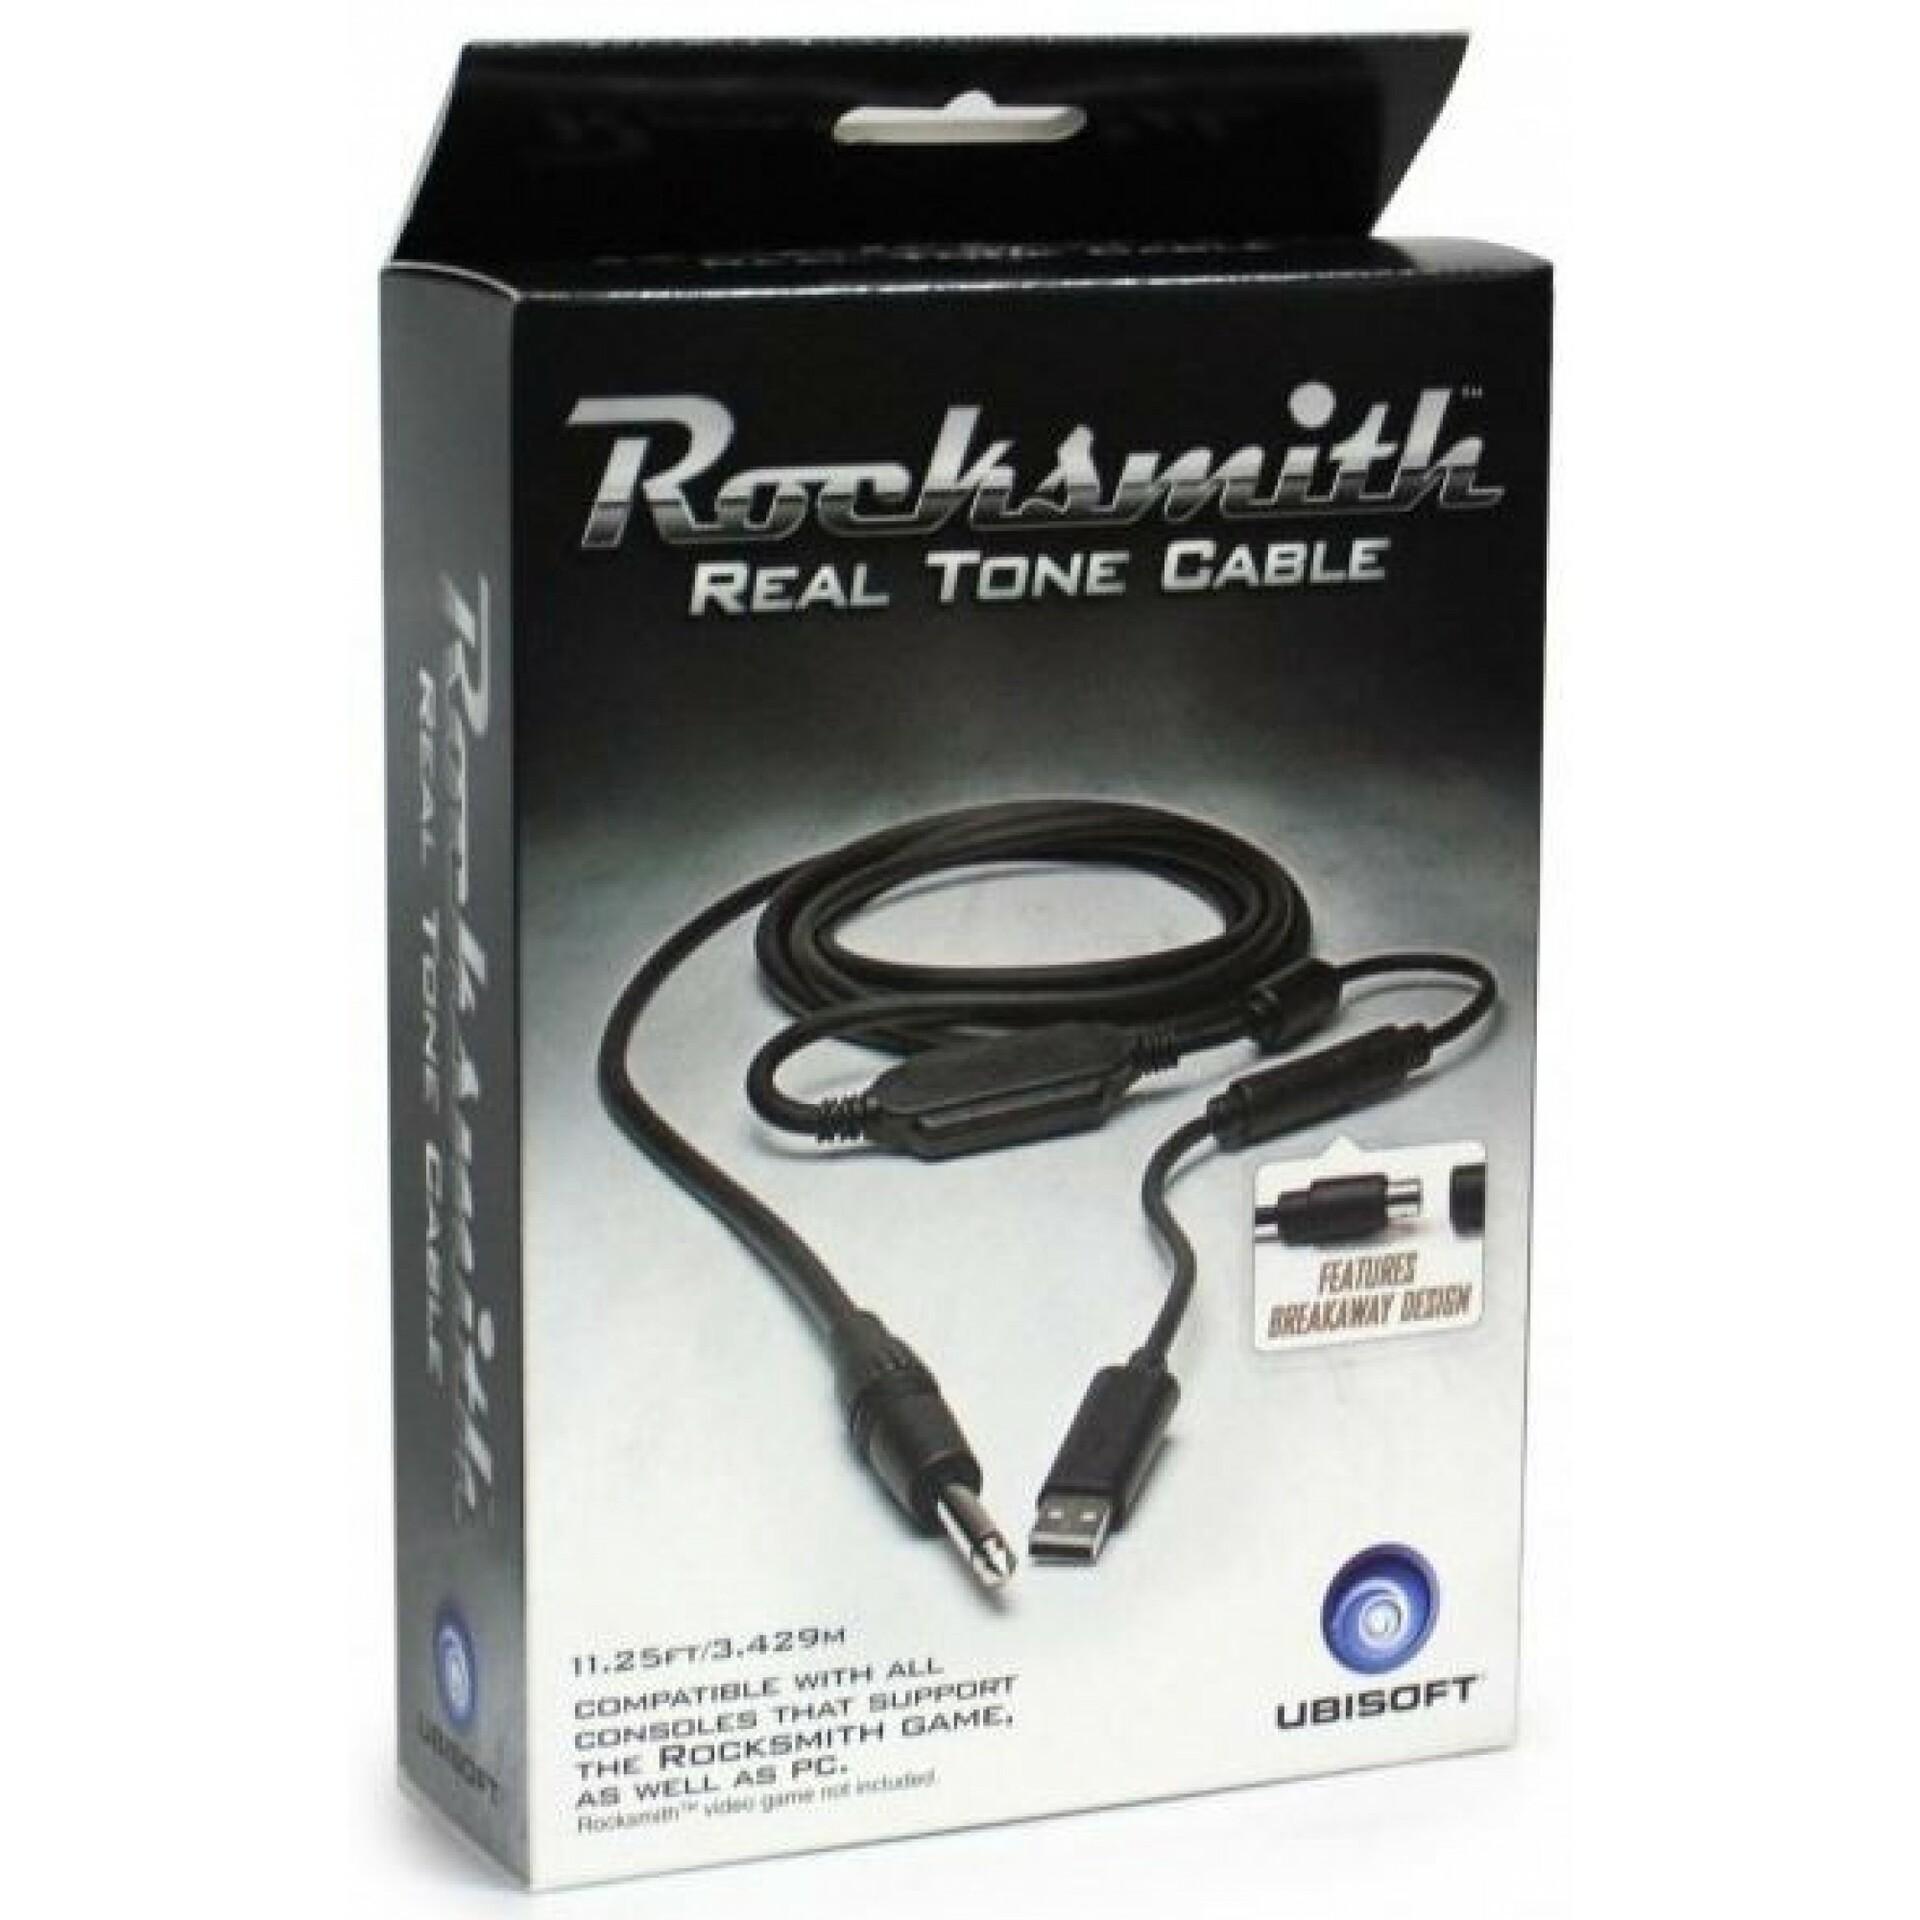 Кабель Rocksmith Real Tone для игры Rocksmith